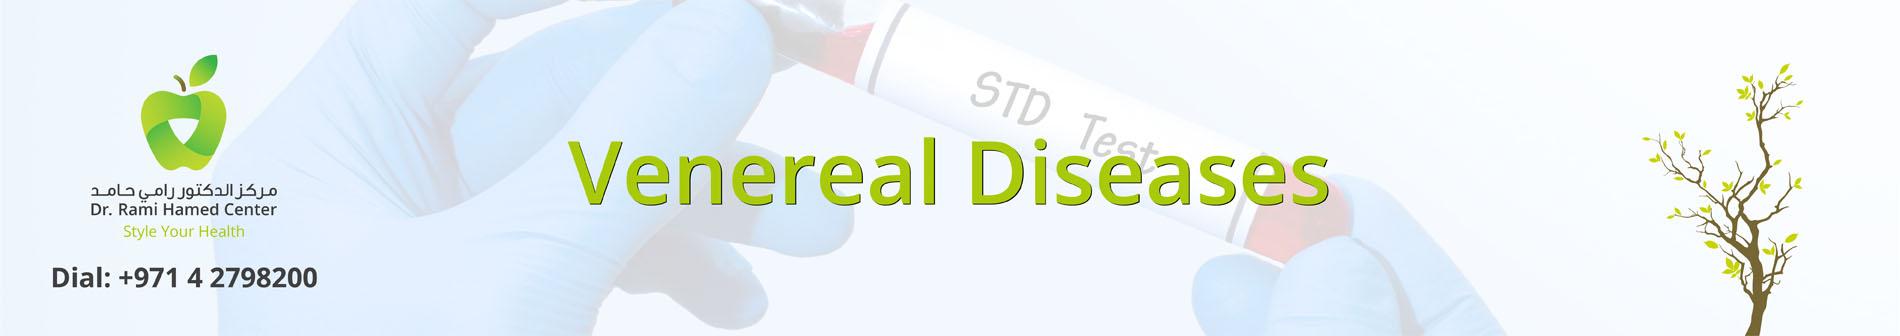 Venereal Diseases.jpg